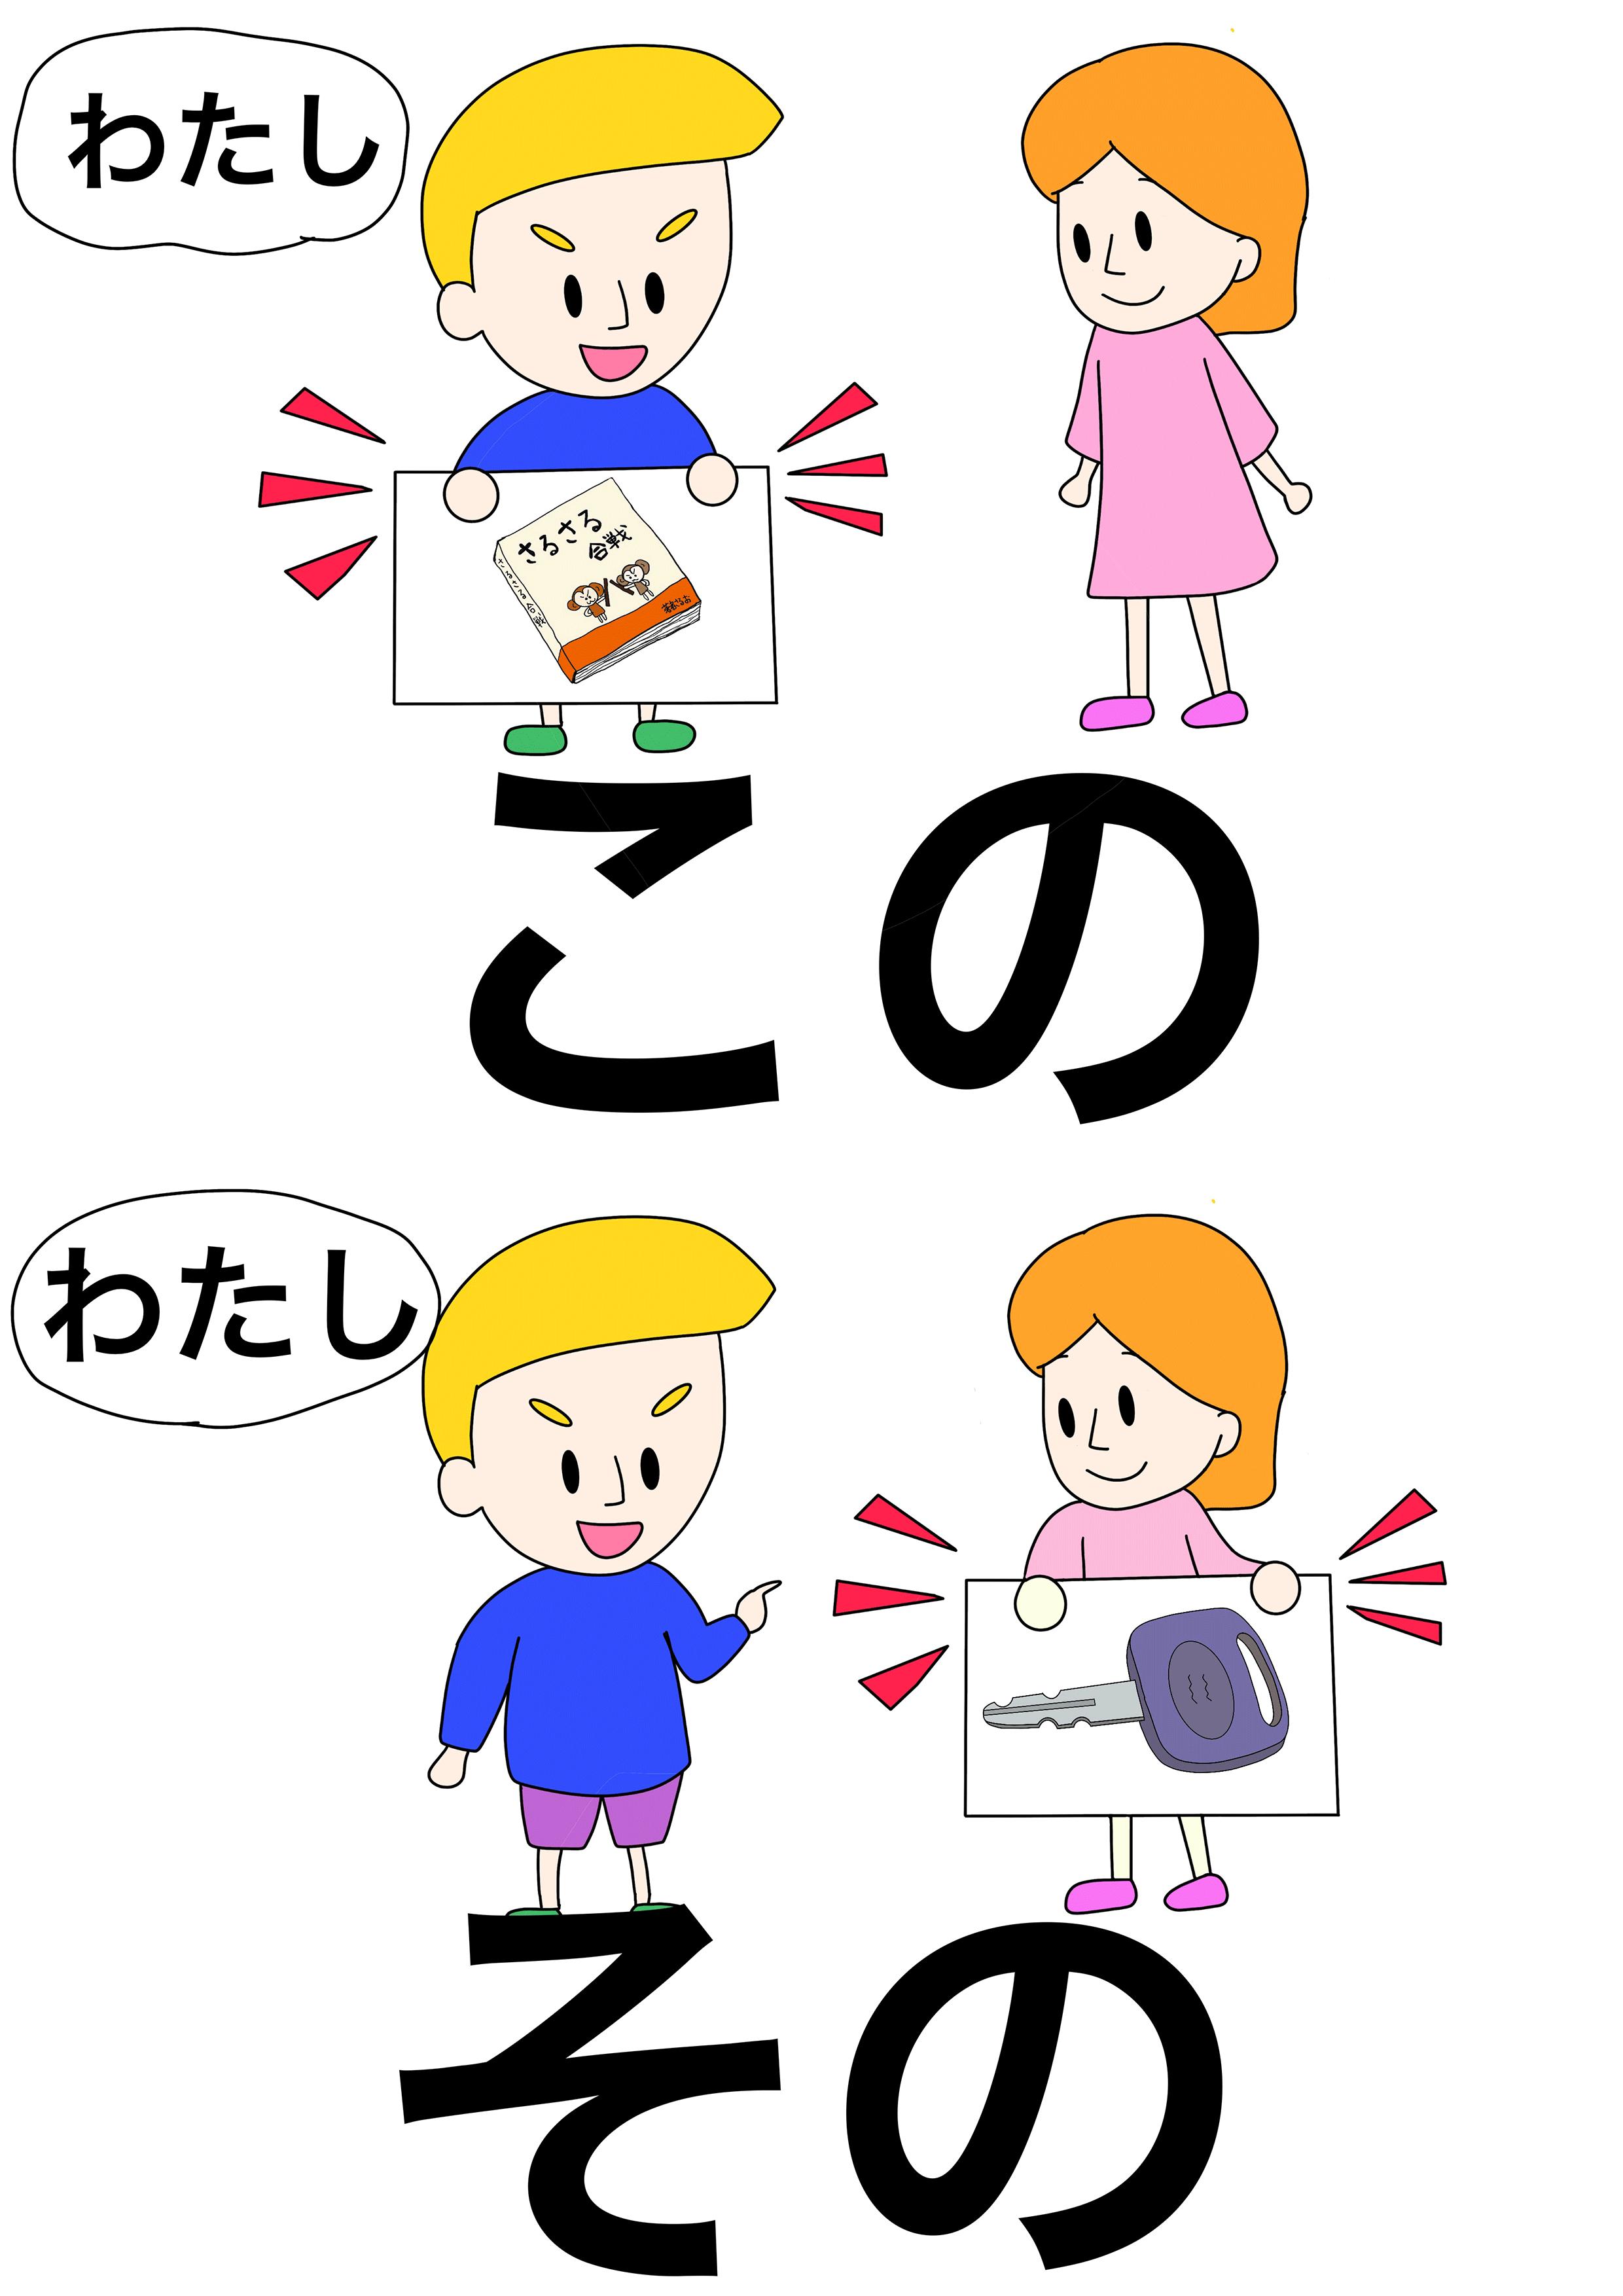 2課イラスト【この/その】